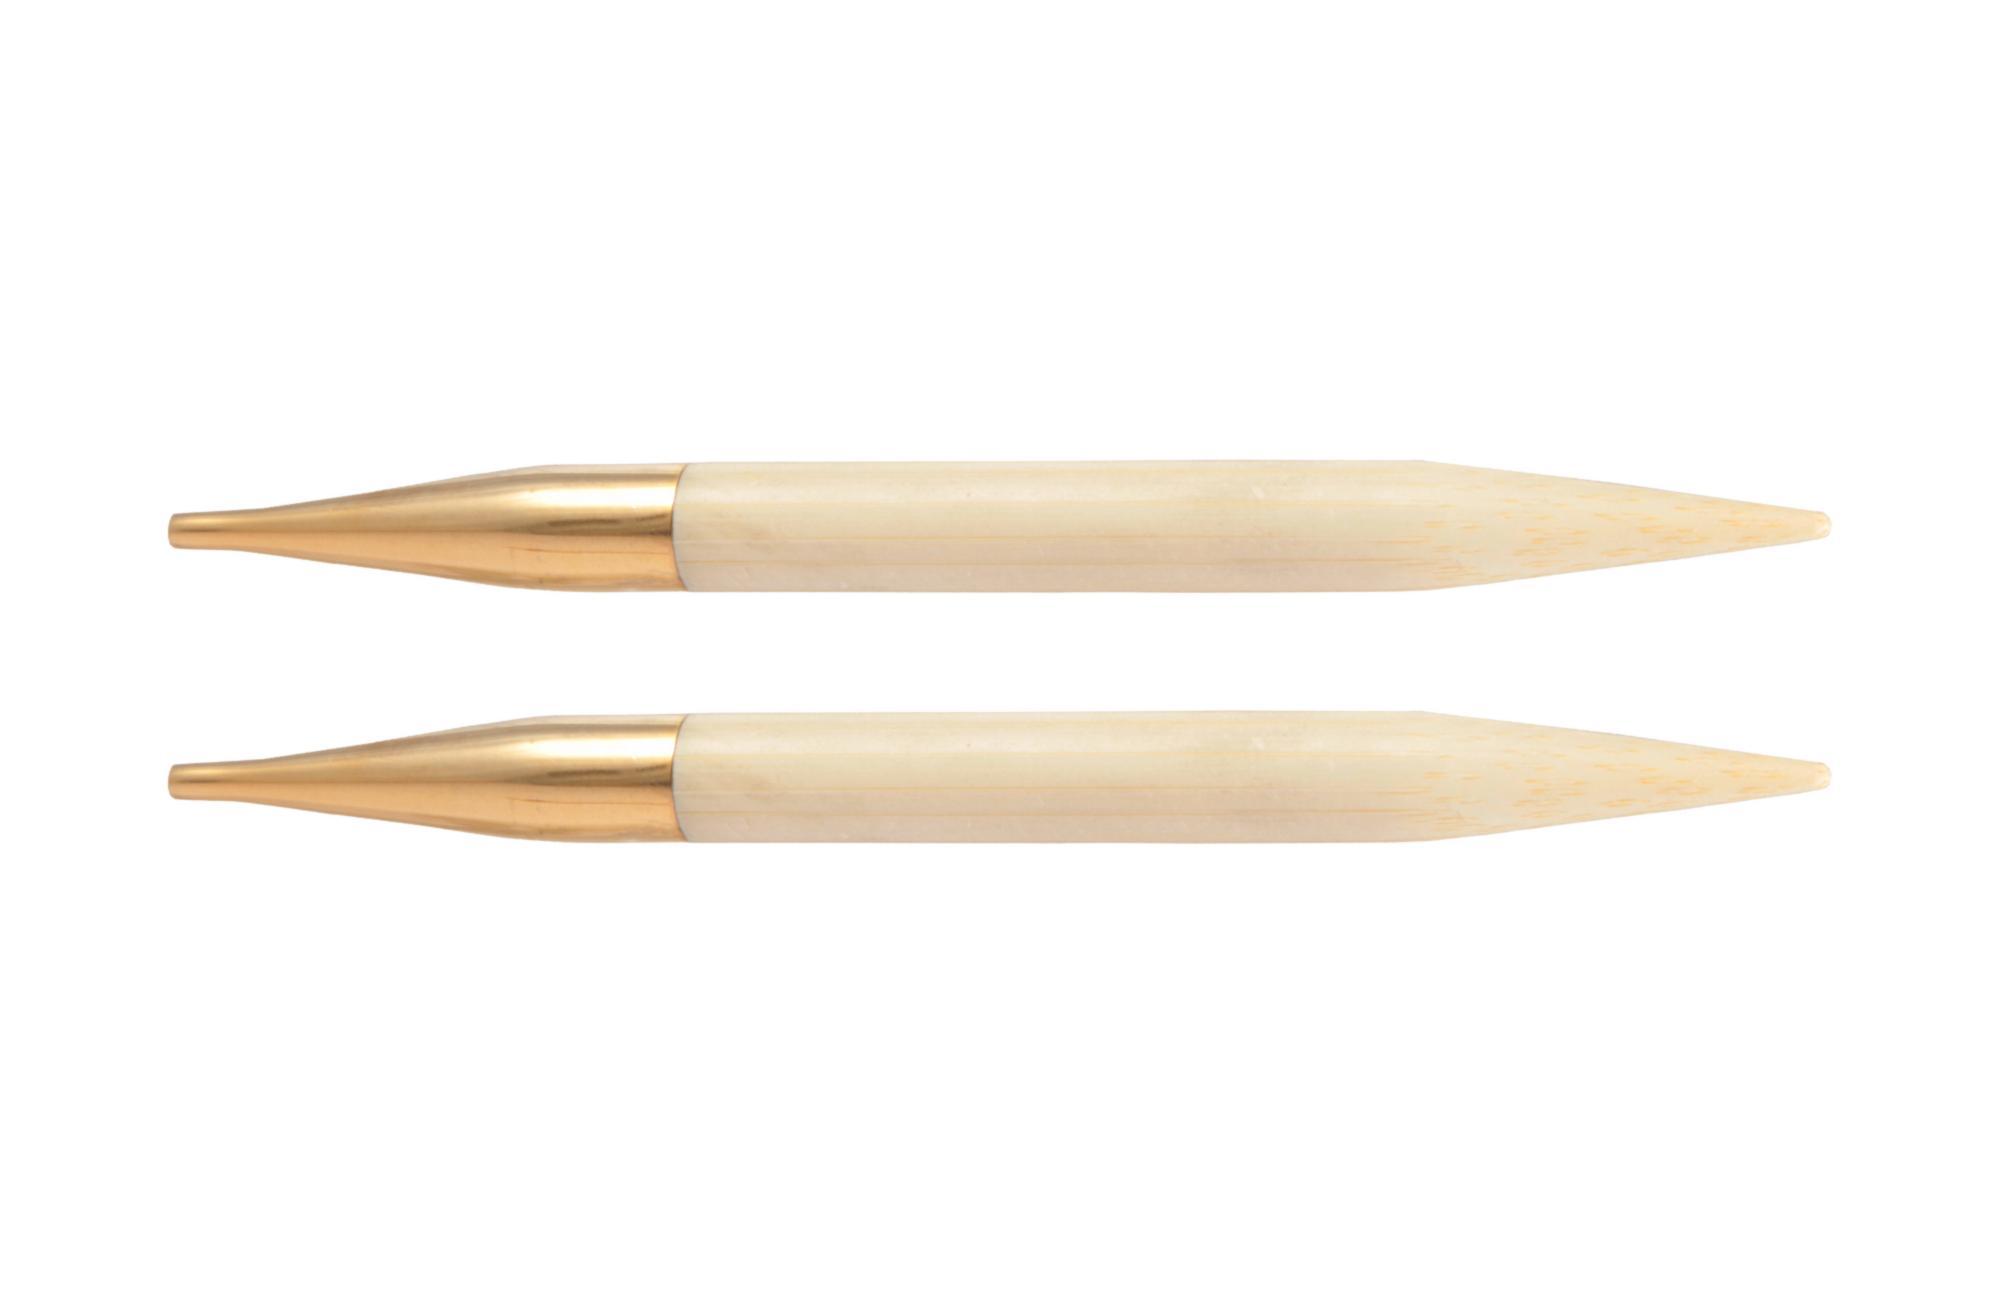 Спицы съёмные Bamboo KnitPro, 22401, 3.50 мм